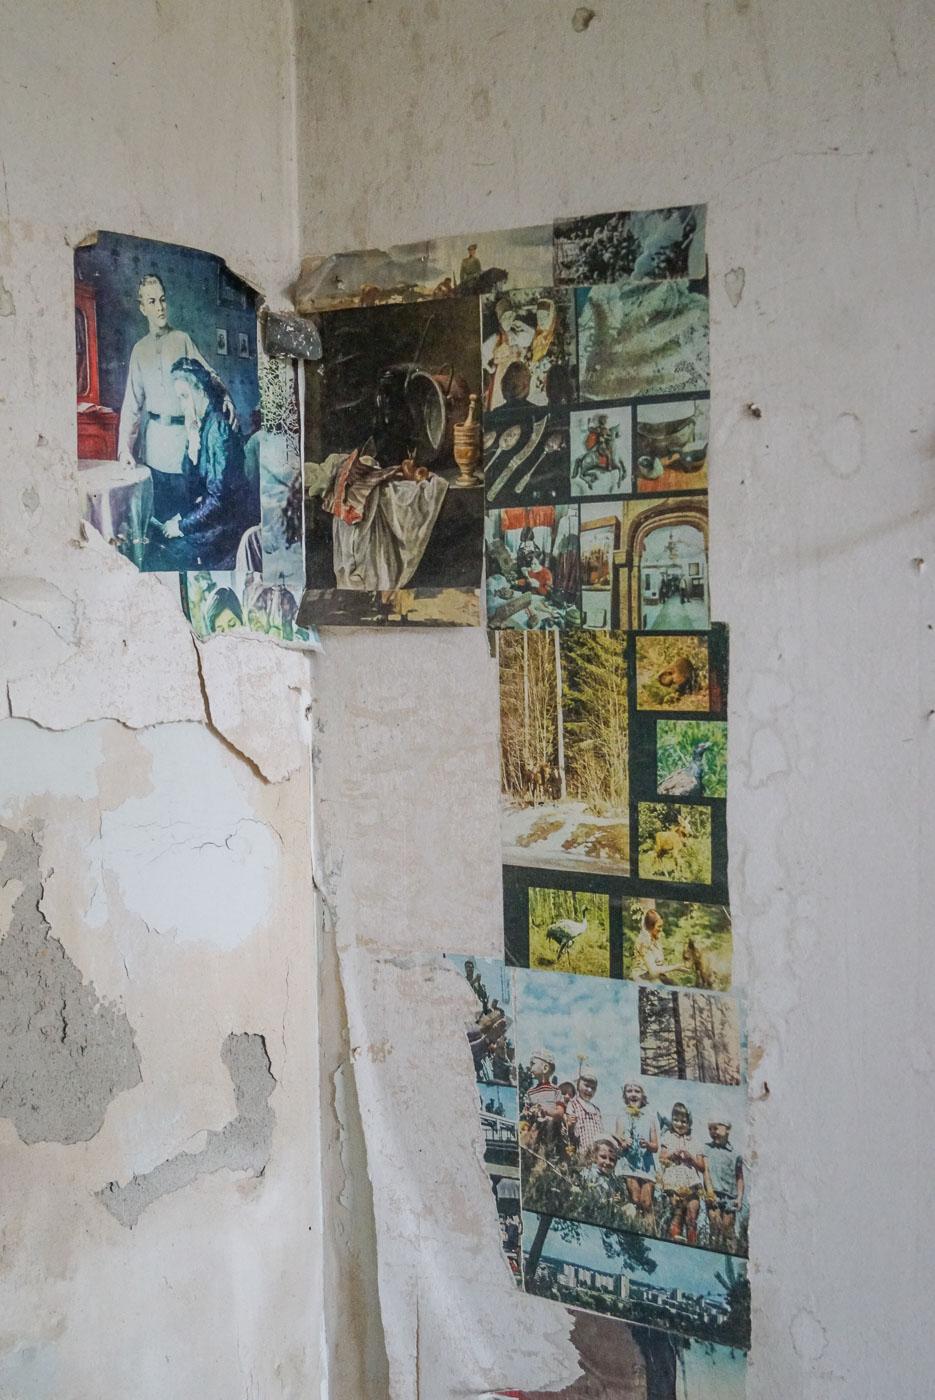 Zu sehen ist die Ecke eines Raumes innerhalb eines der Sanatorien. Der Putz bröckelt von der Decke von der Wand jedoch hängen noch einige Poster von von den ehemaligen Bewohnern an der Wand. Pionieren Landschaftsaufnahmen oder klassischen Gemälden.